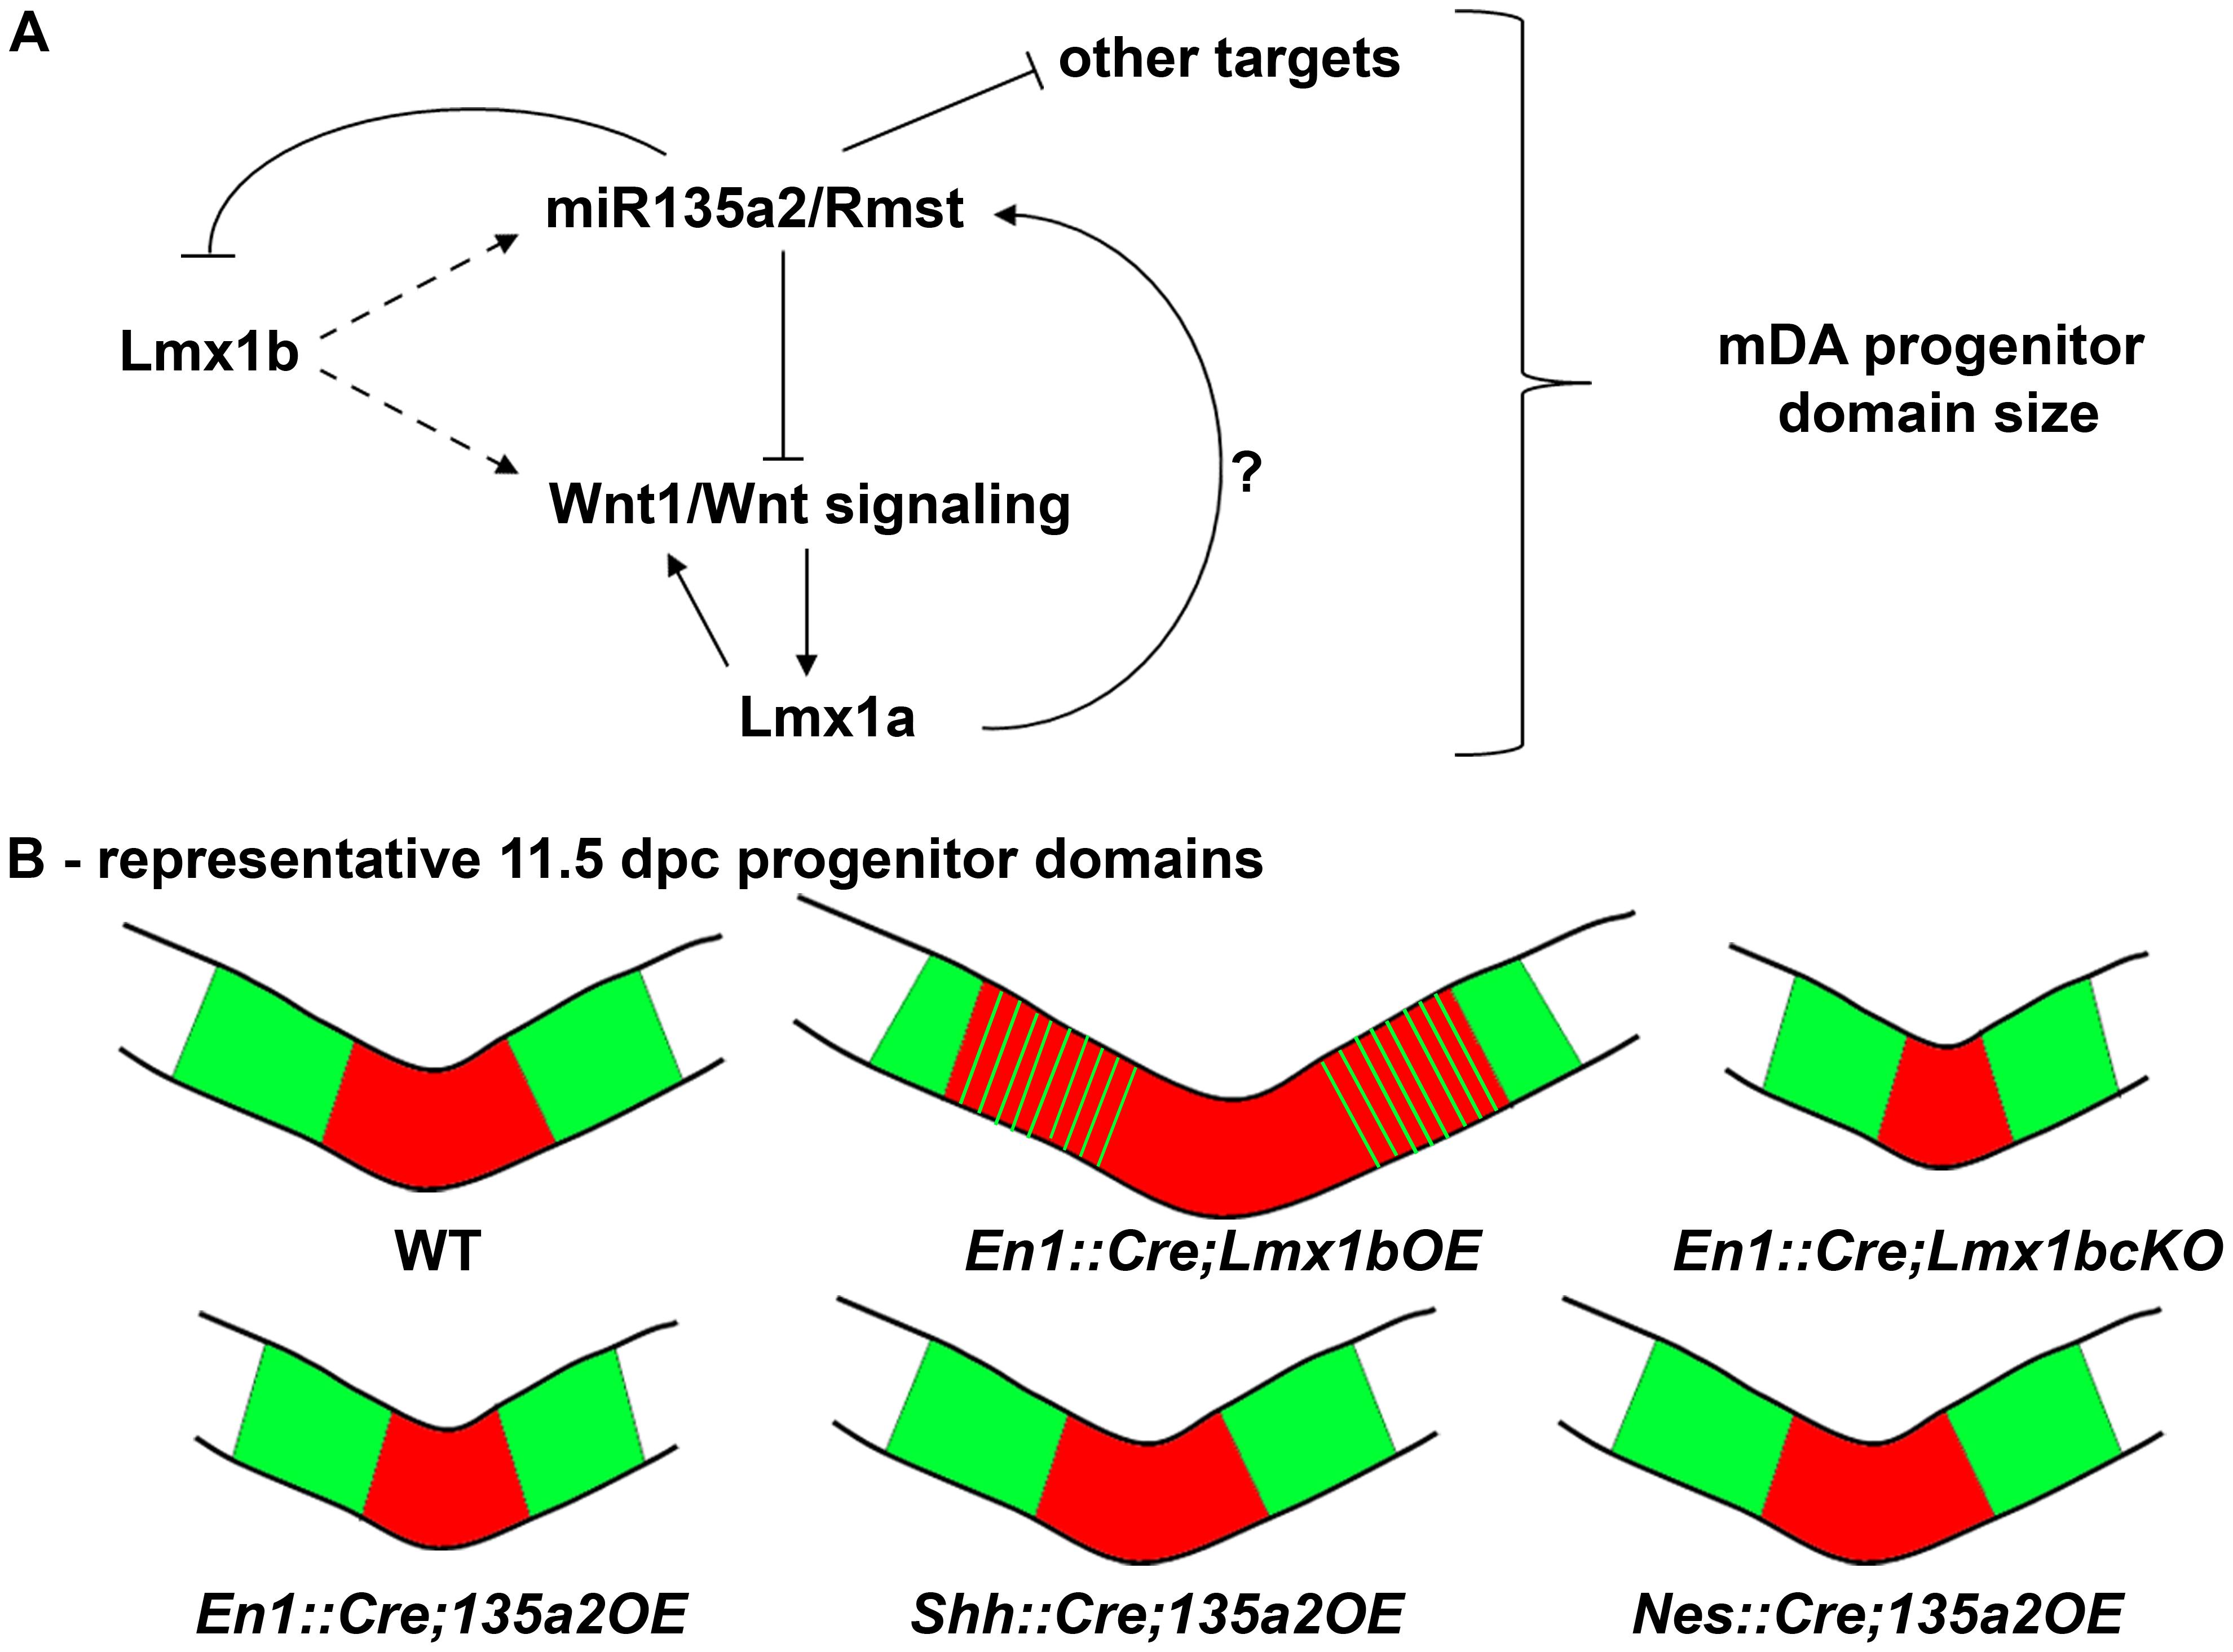 Opposing effects of <i>Lmx1b</i> and <i>miR135a2</i> on dopamine progenitor allocation.